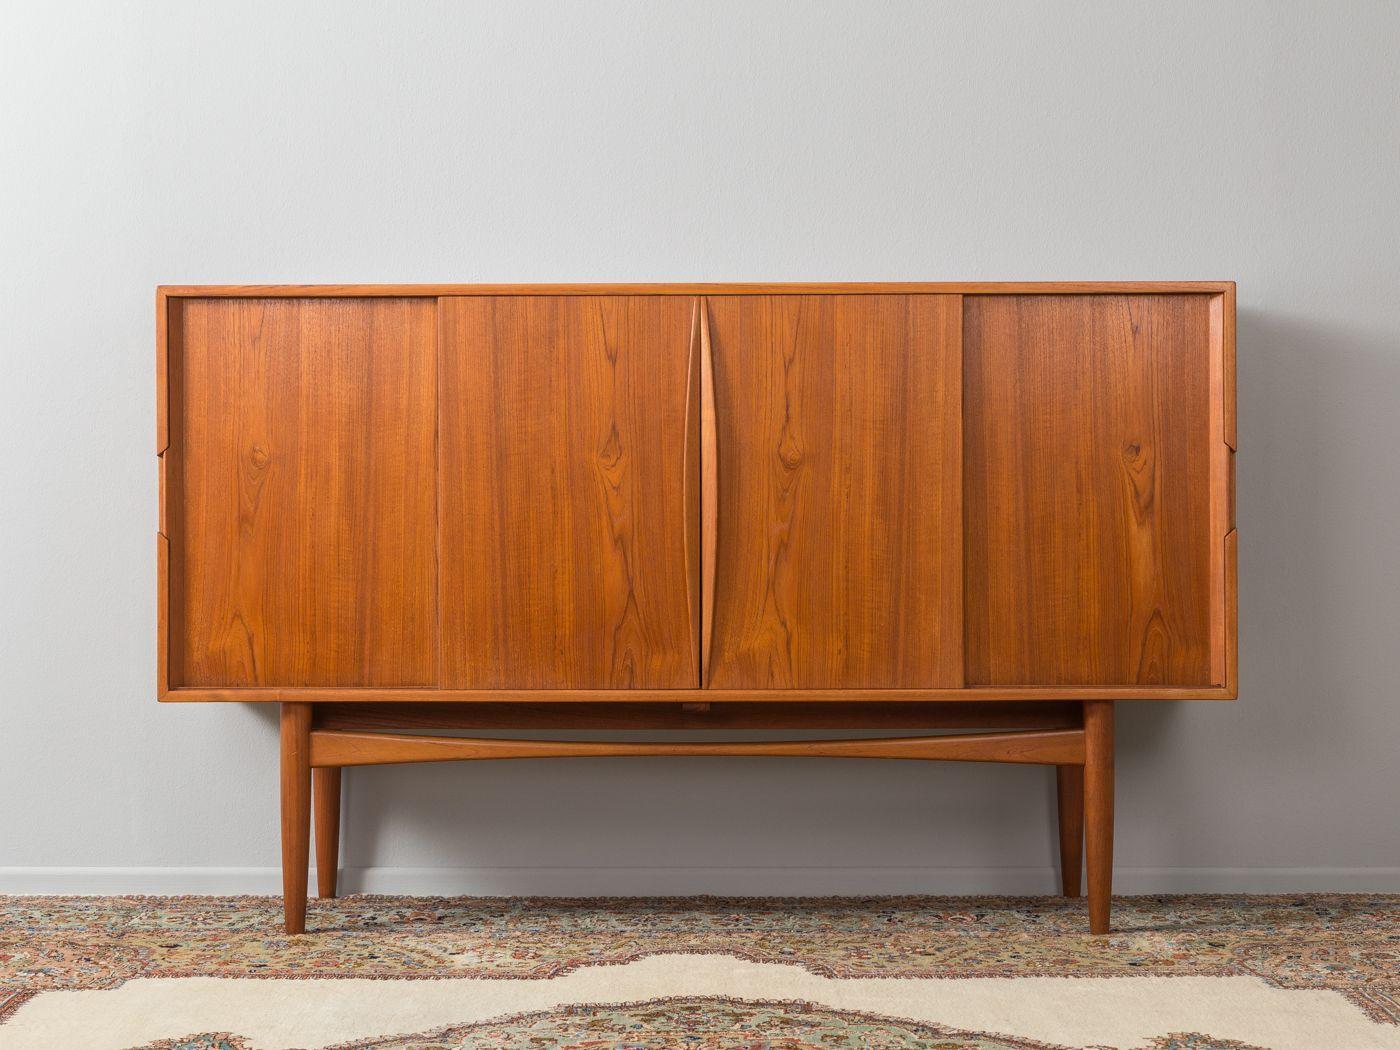 Sideboard Eiche Massiv Weiss Kommode Schlafzimmer Vintage Sideboard Furniture South Africa Kom Schlafzimmer Kommode Sideboard Eiche Massiv Sideboard Eiche